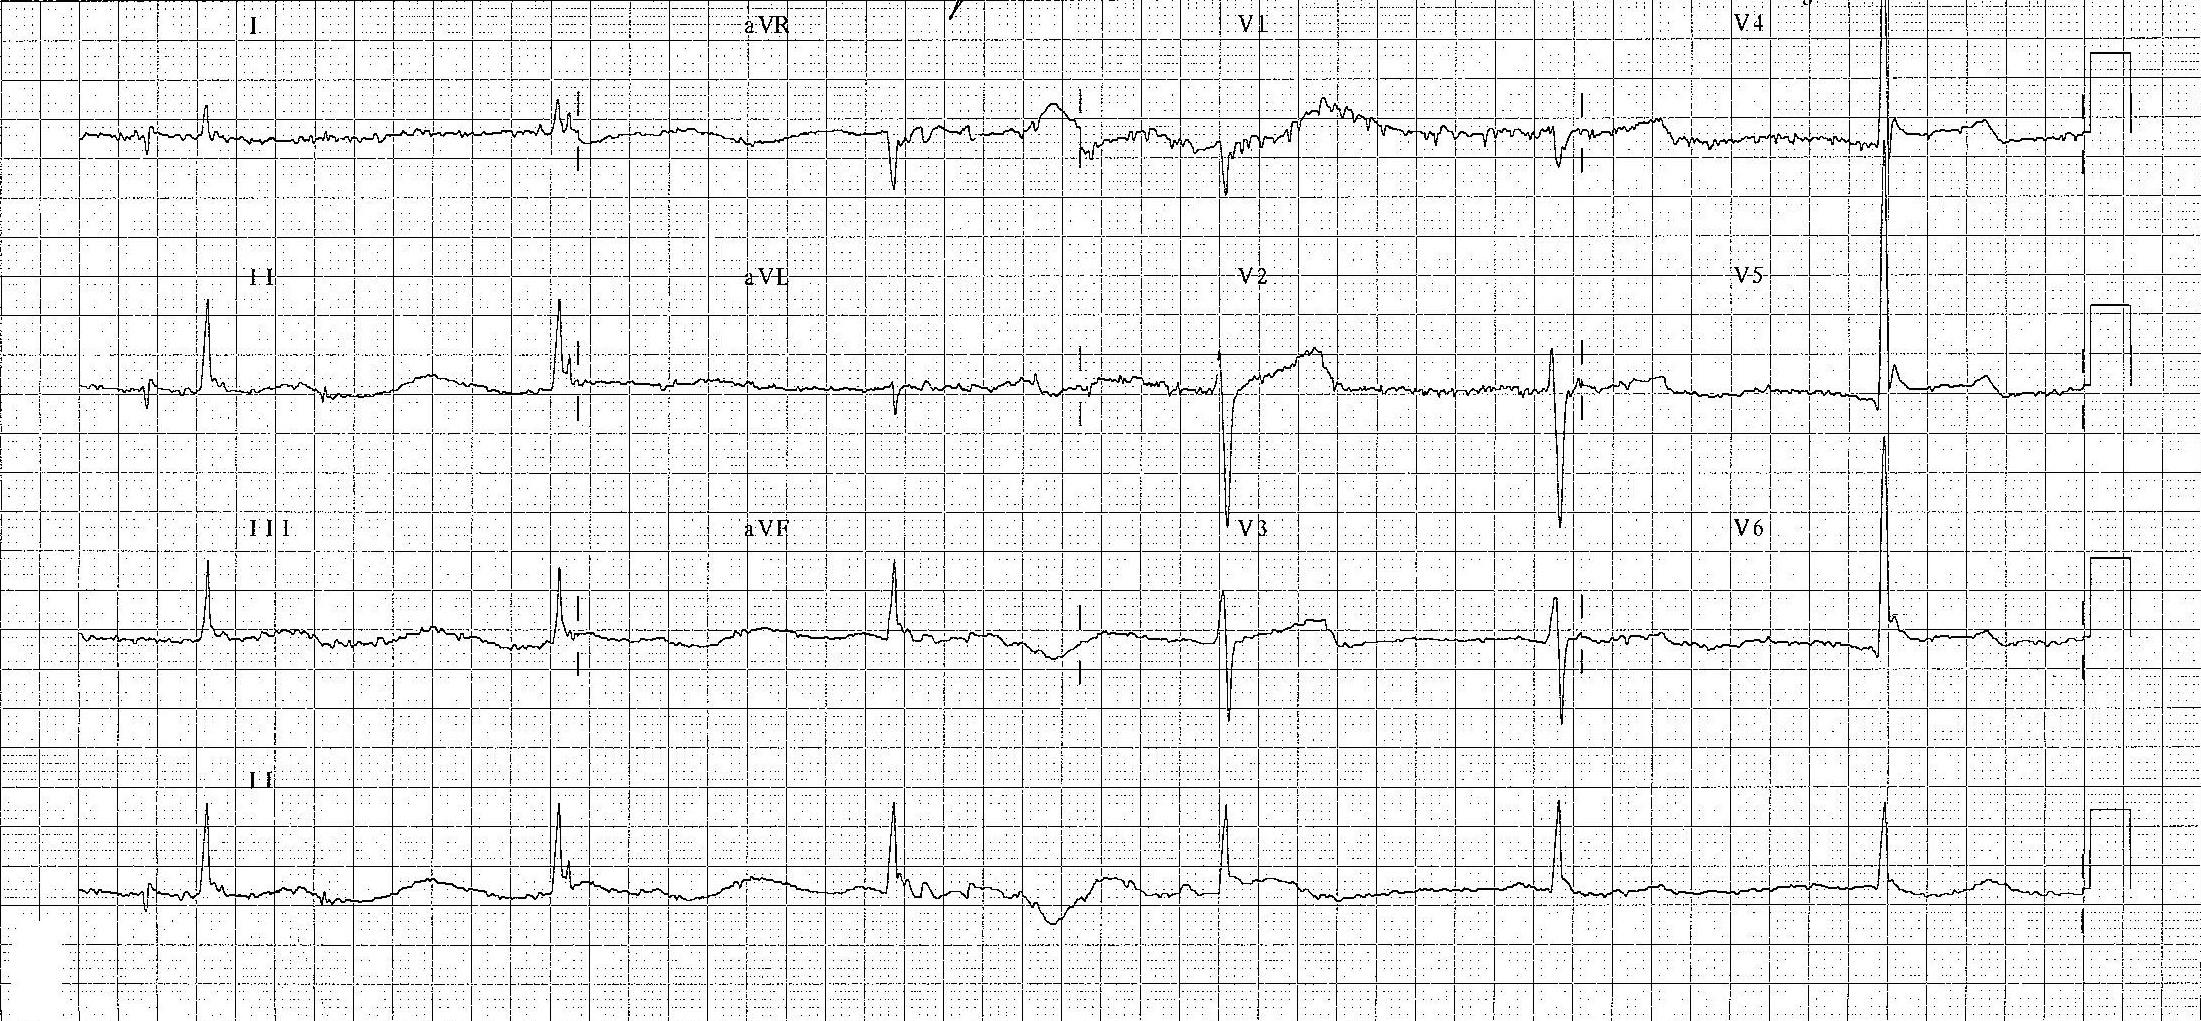 Bu EKG hipoterminin klasik özelliklerini göstermektedir : bradikardi, Osborn dalgaları ve titreme artefaktı